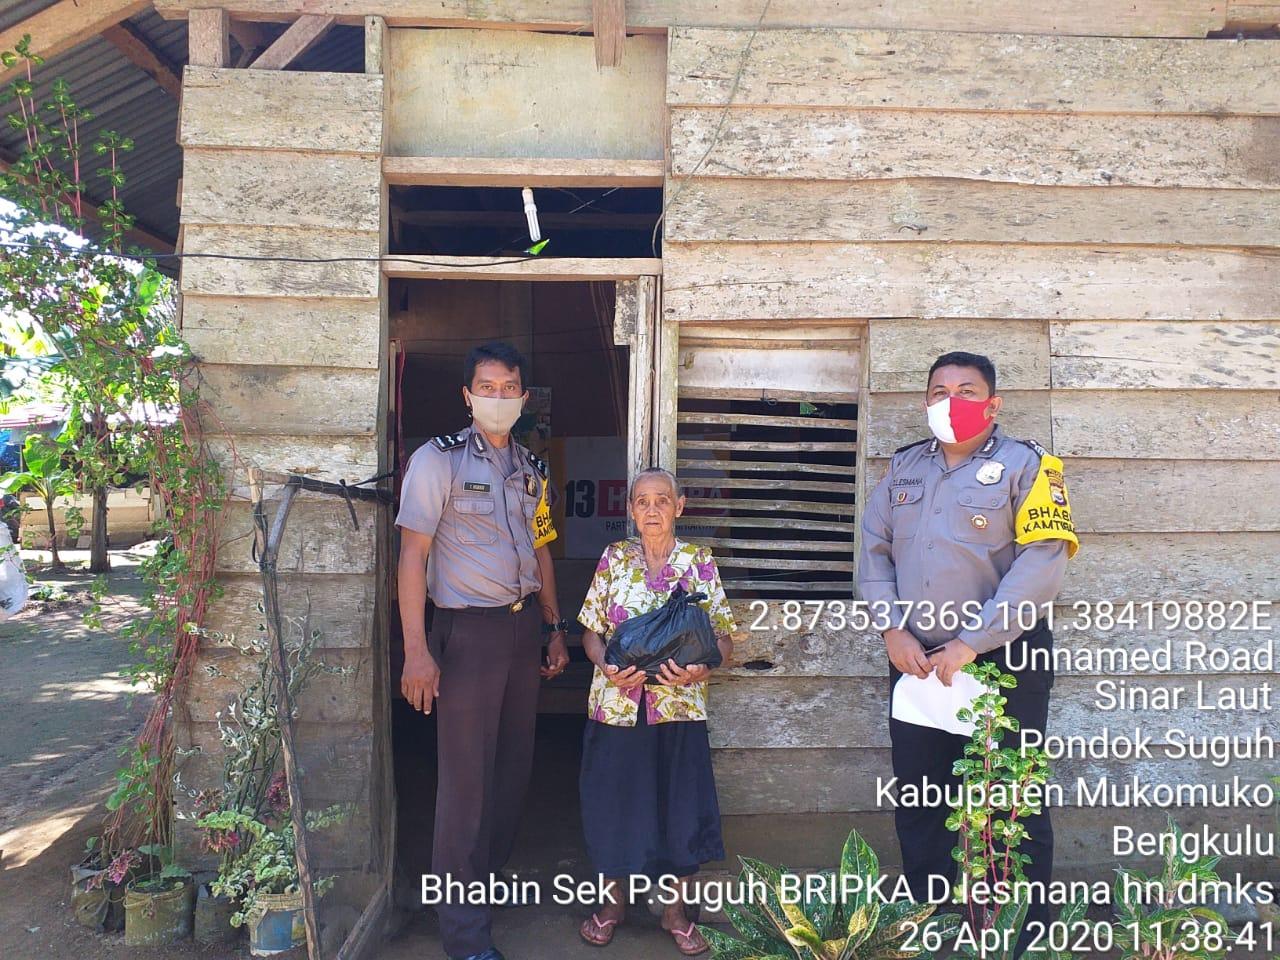 Bantu Warga Terdampak Covid-19, Polsek Pondok Suguh Salurkan Bantuan